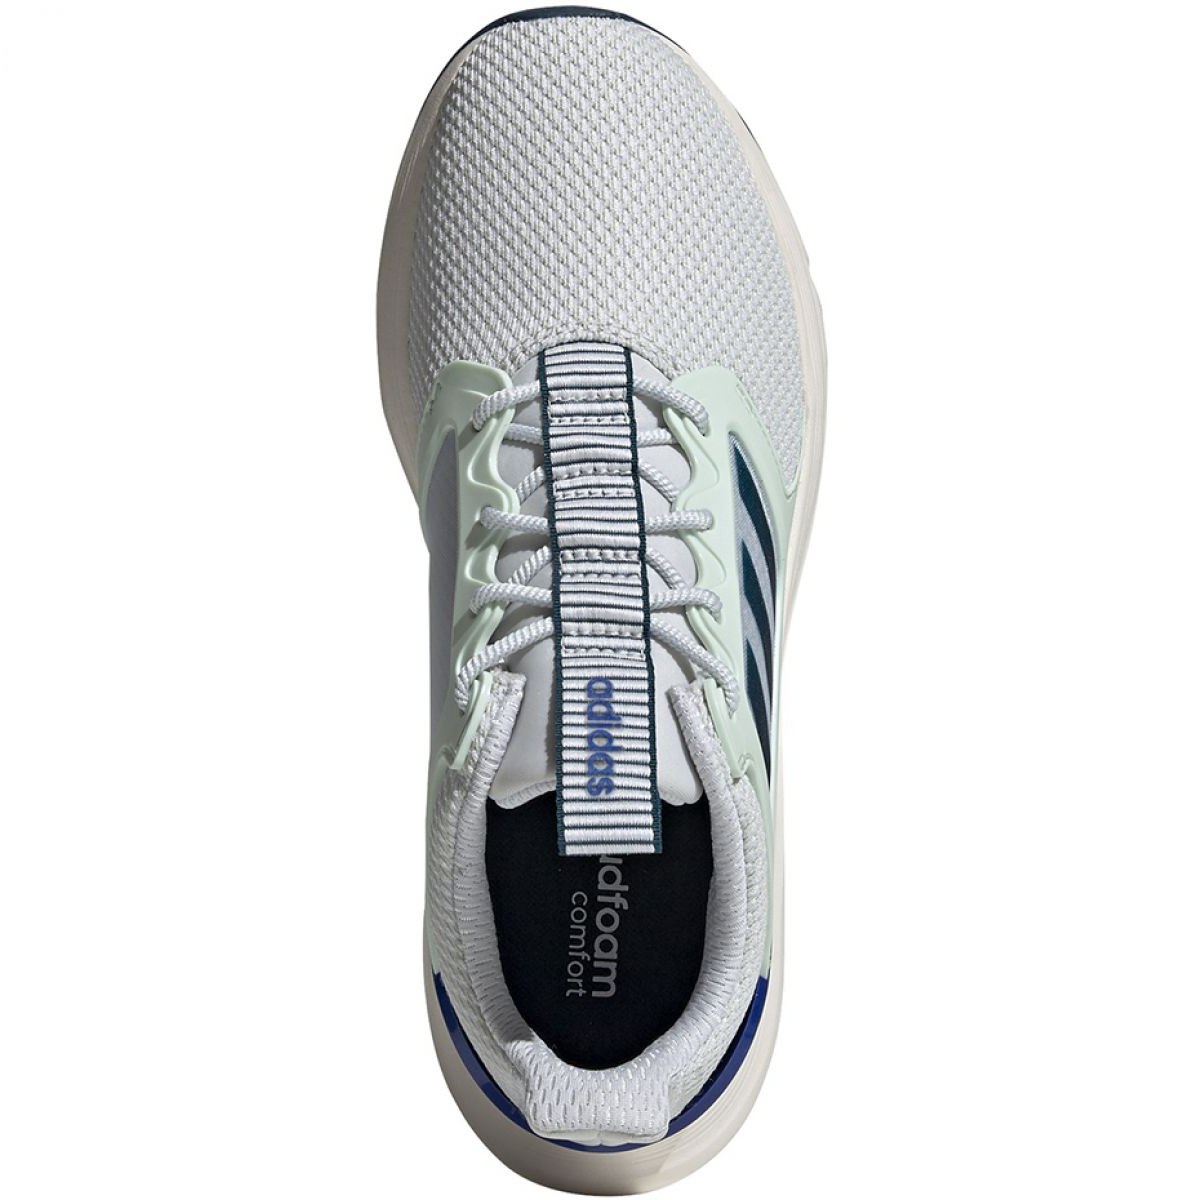 Buty biegowe adidas Energyfalcon W EG3954